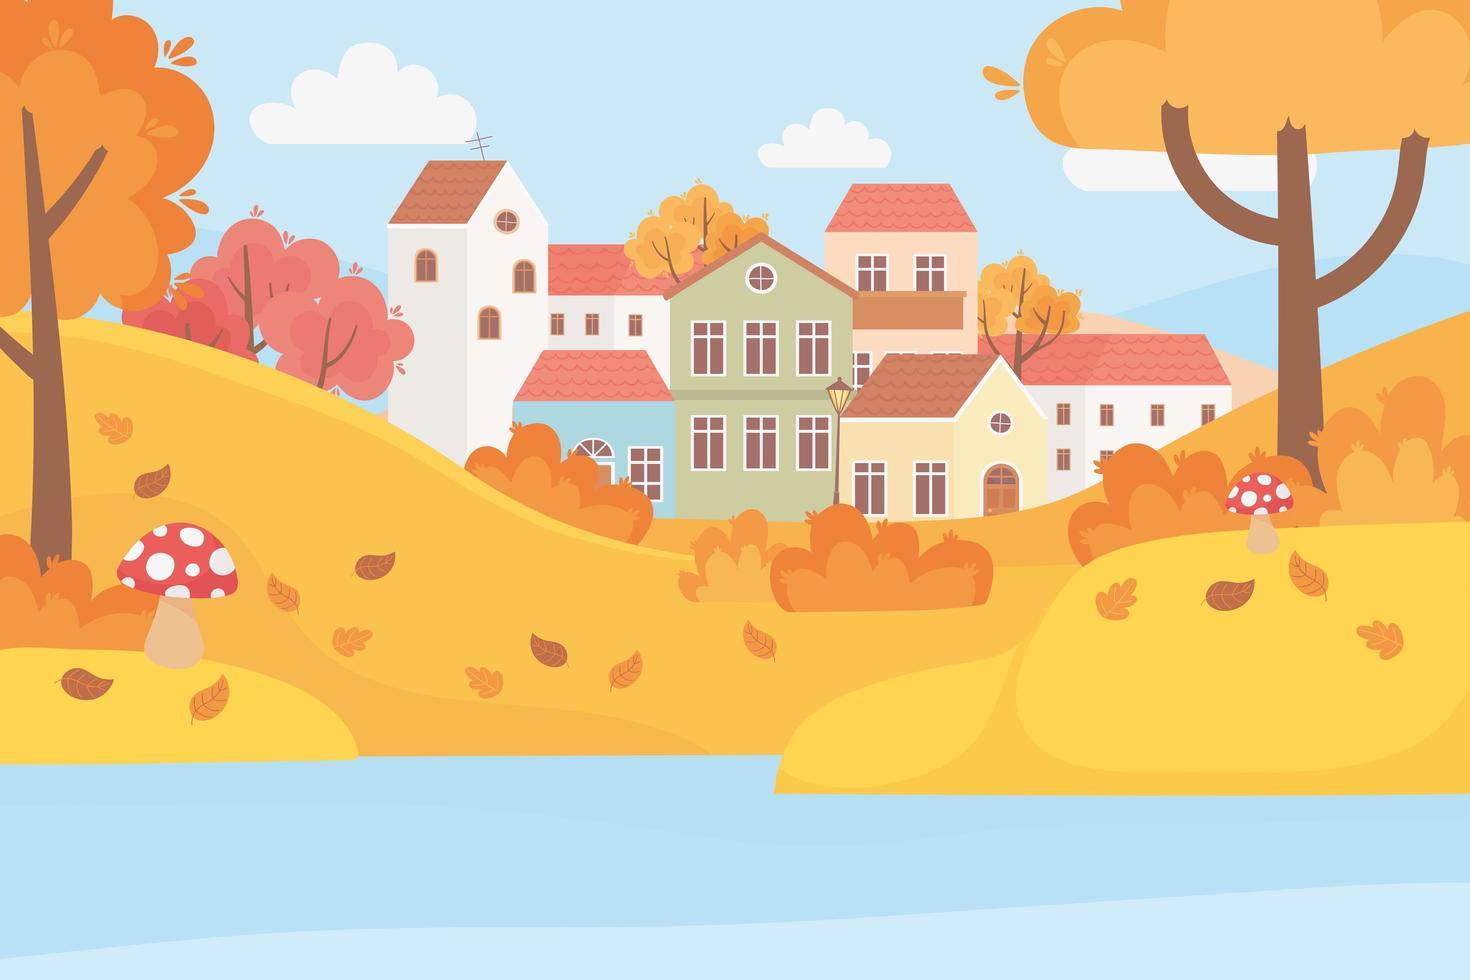 Landschaft im Herbst. Dorfhäuser, Bäume und Blätter vektor